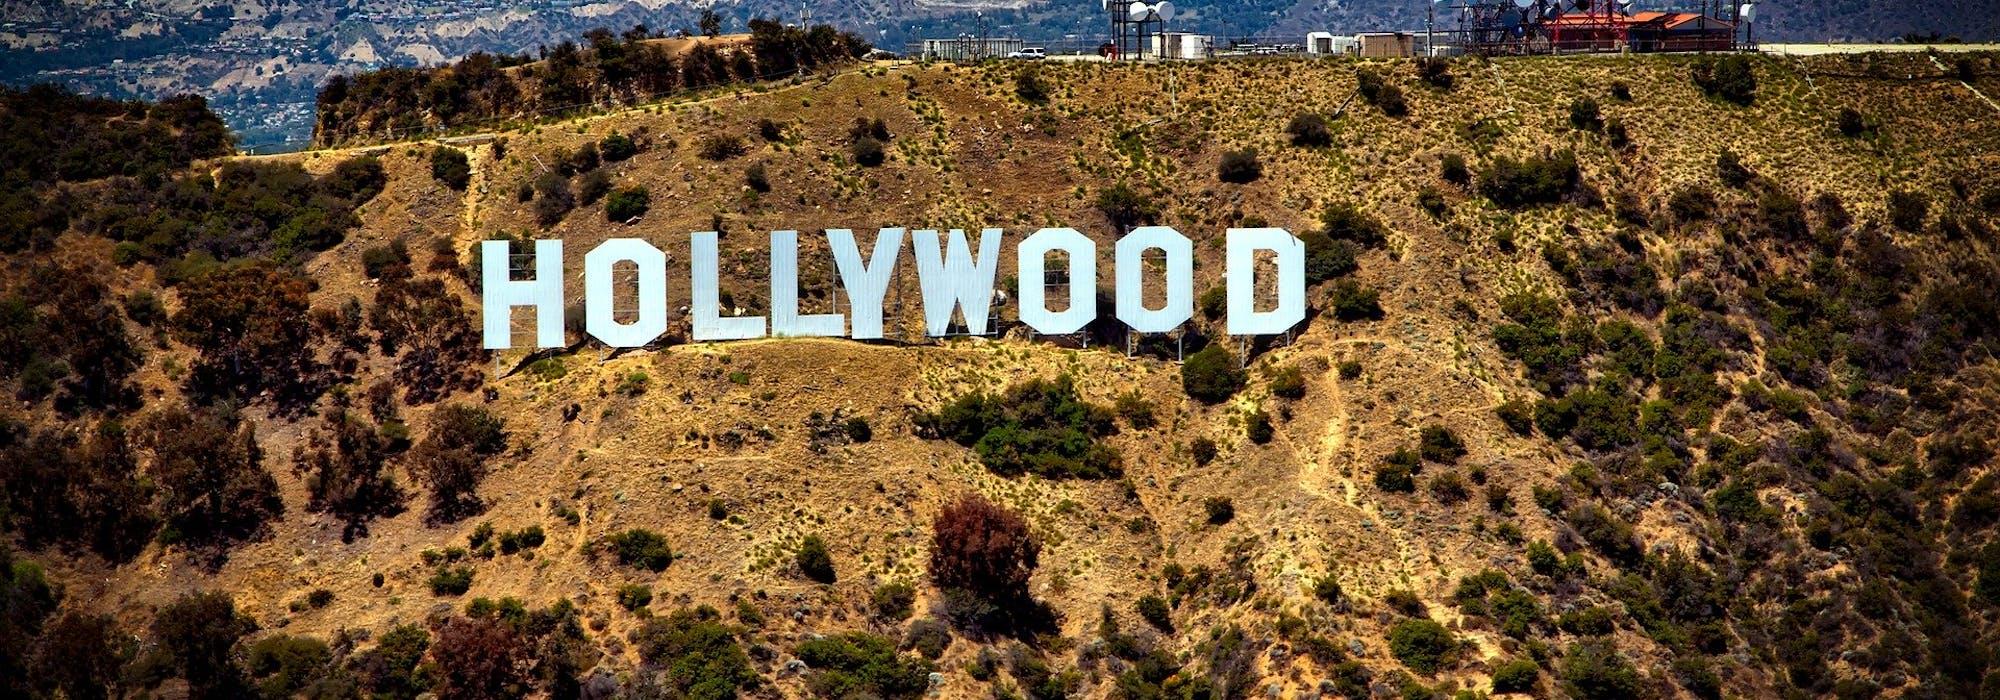 Den ikoniska Hollywood-skylten på bergskanten.